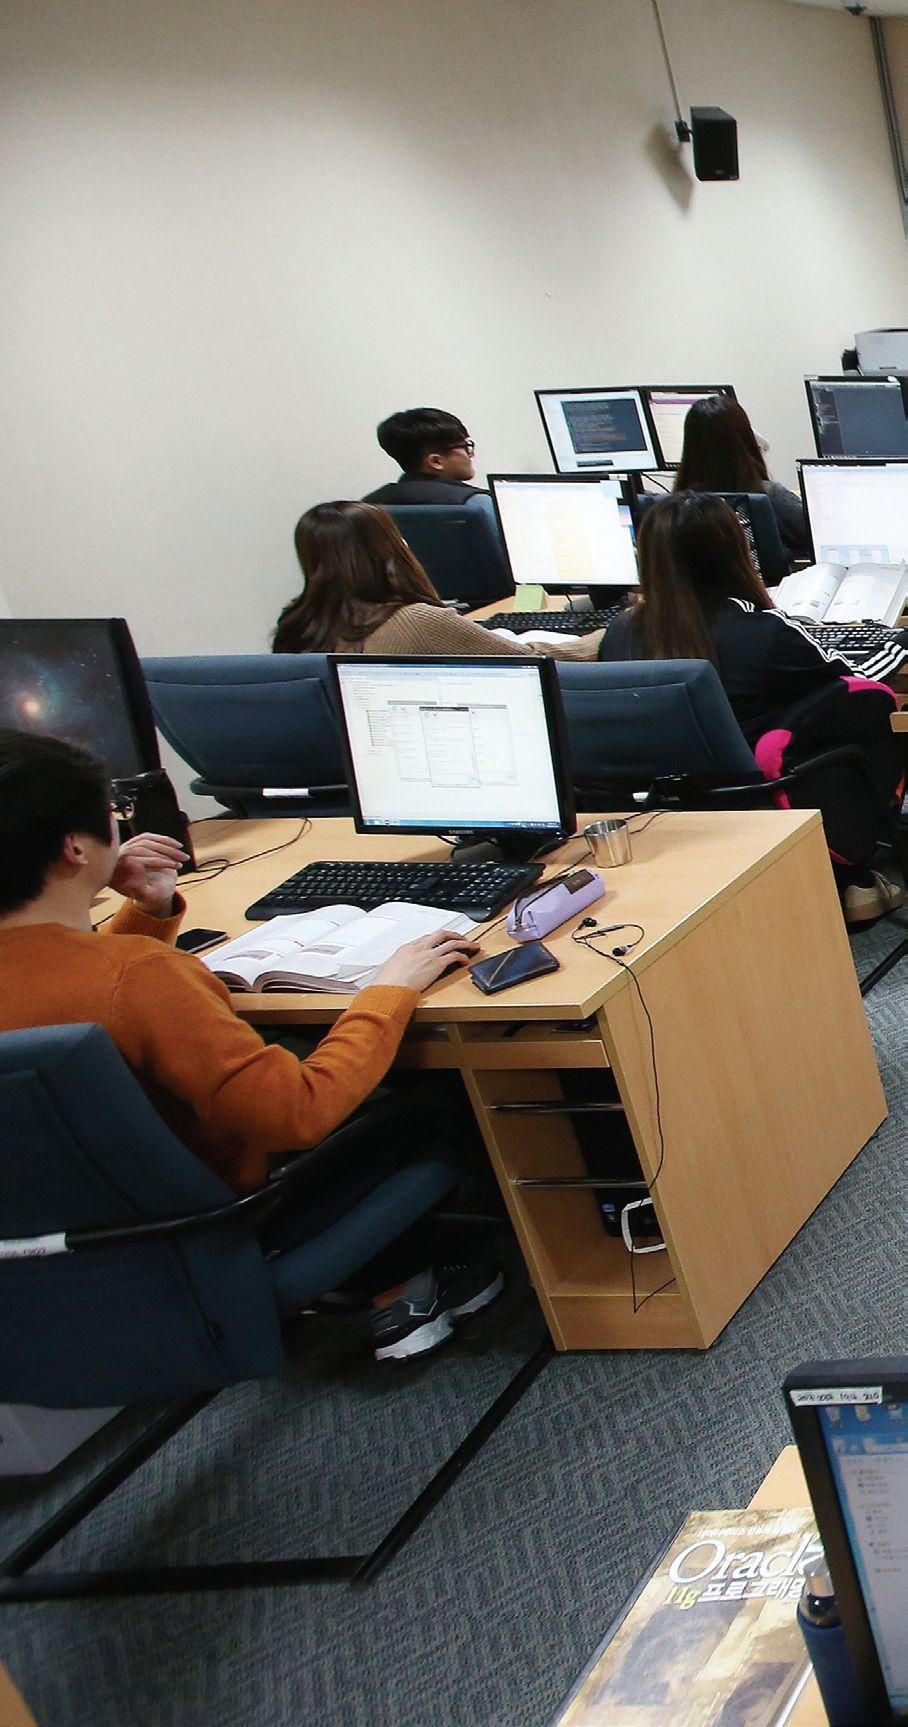 정부의 'K-Move 스쿨' 사업에 선정된 한 연수기관에서 일본 IT 업계 취업을 위한 수업을 받고 있는 수강생들. 이들 연수기관은 대부분 일본 취업률이 높게 나타난다. (위 연수기관 사진은 기사의 특정사실과 무관함)